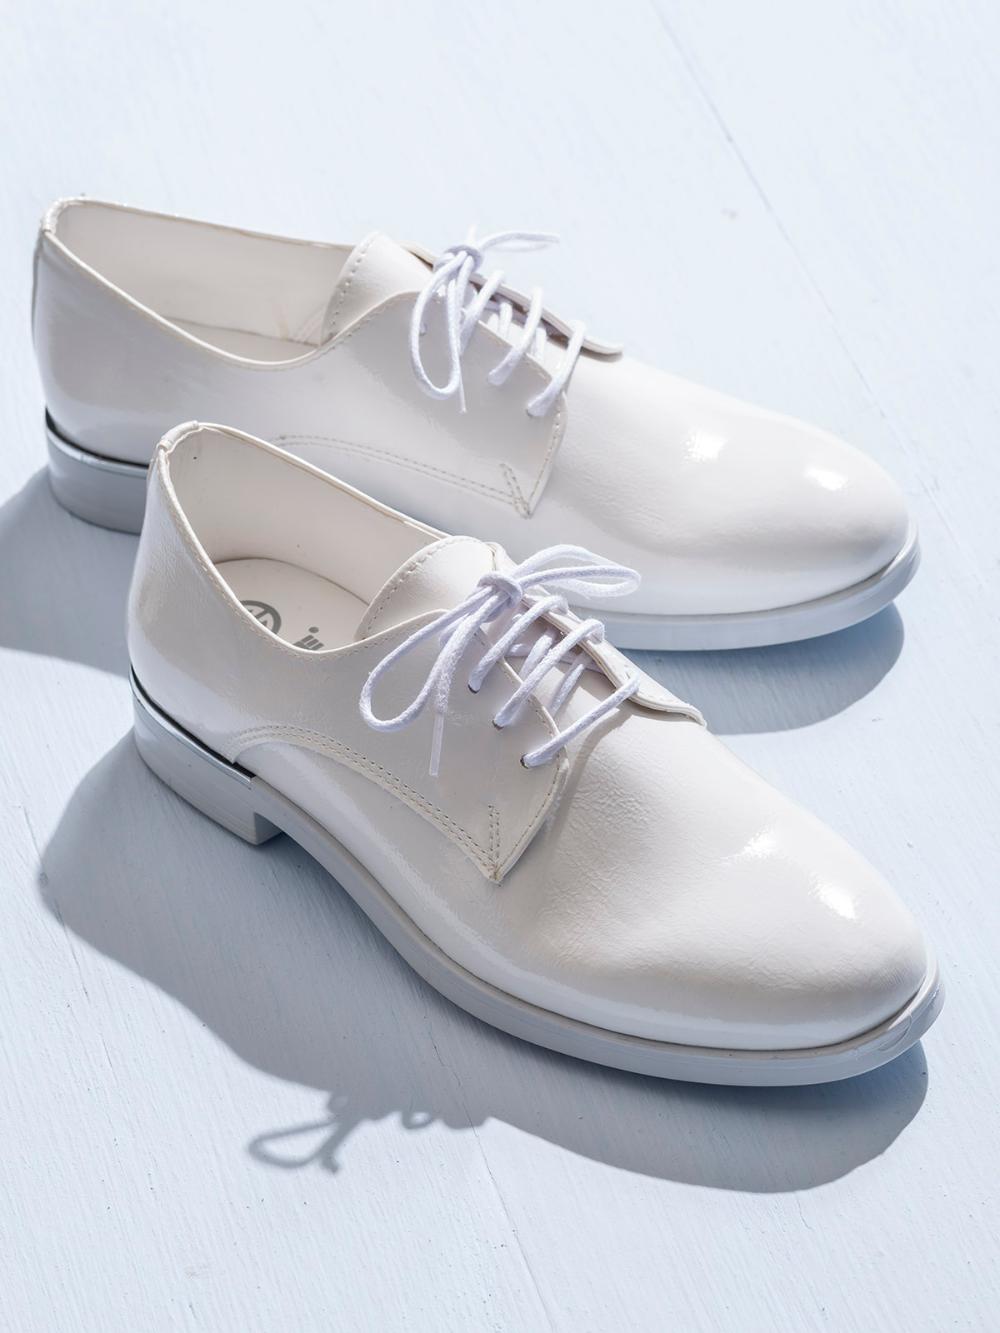 Bayan Oxford Ayakkabi Modelleri Ile Tarzini Yarat Elle Shoes Oxford Oxford Ayakkabi Ayakkabilar